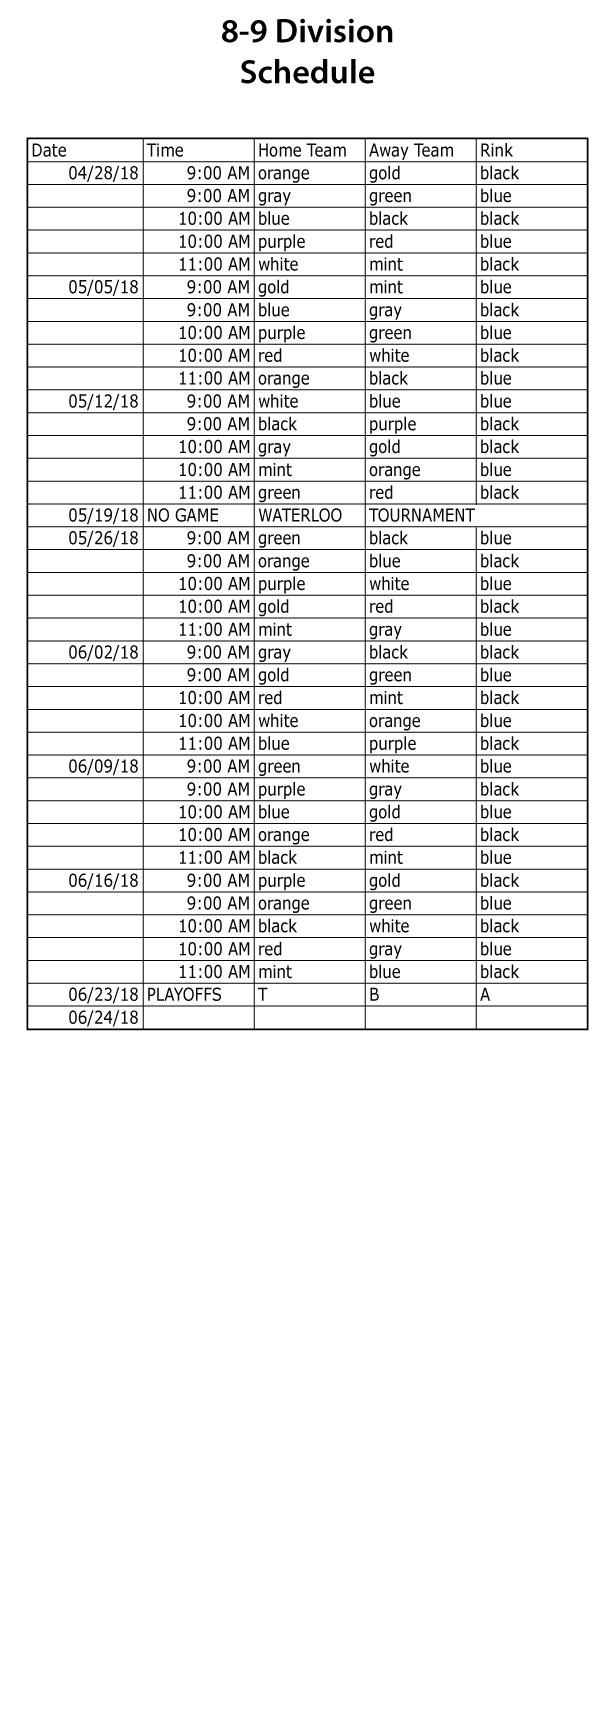 8-9-Schedule-'18.jpg (145 KB)